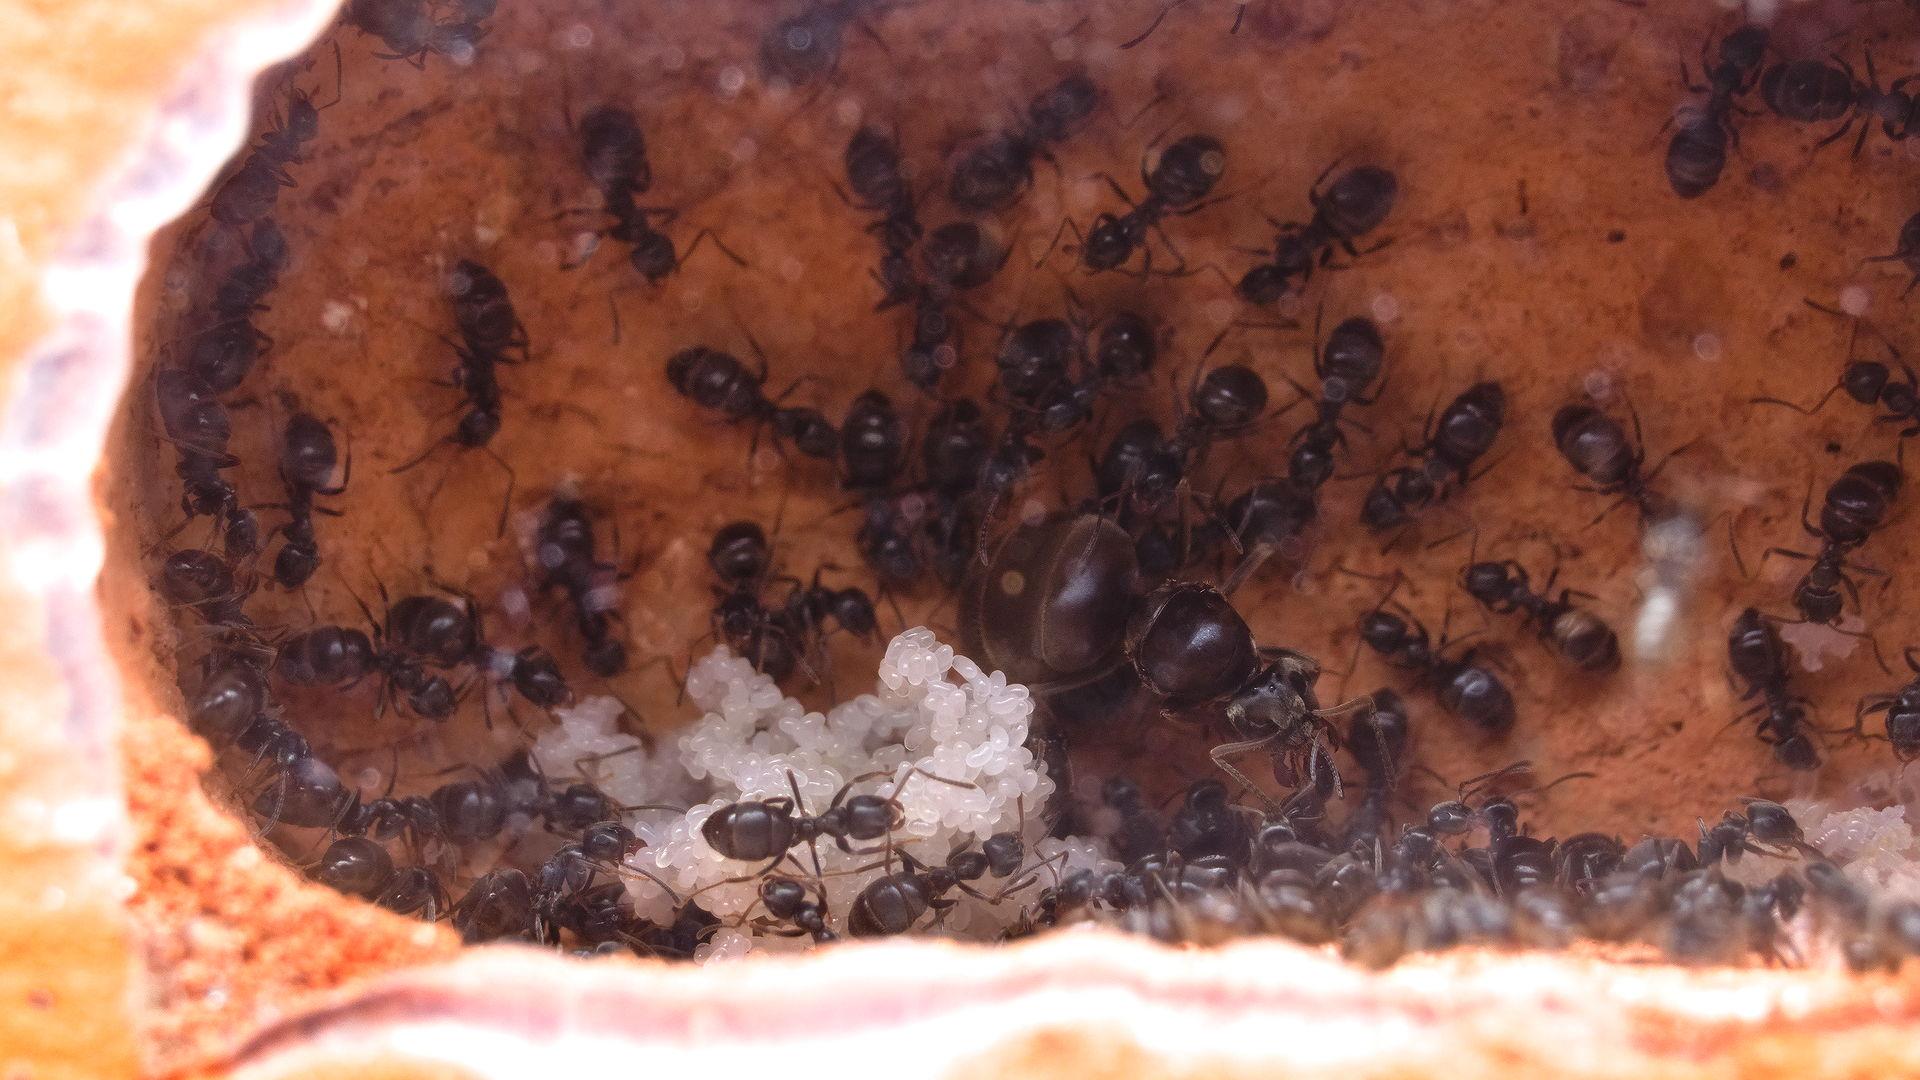 Lasius niger: Königin auch umgezogen